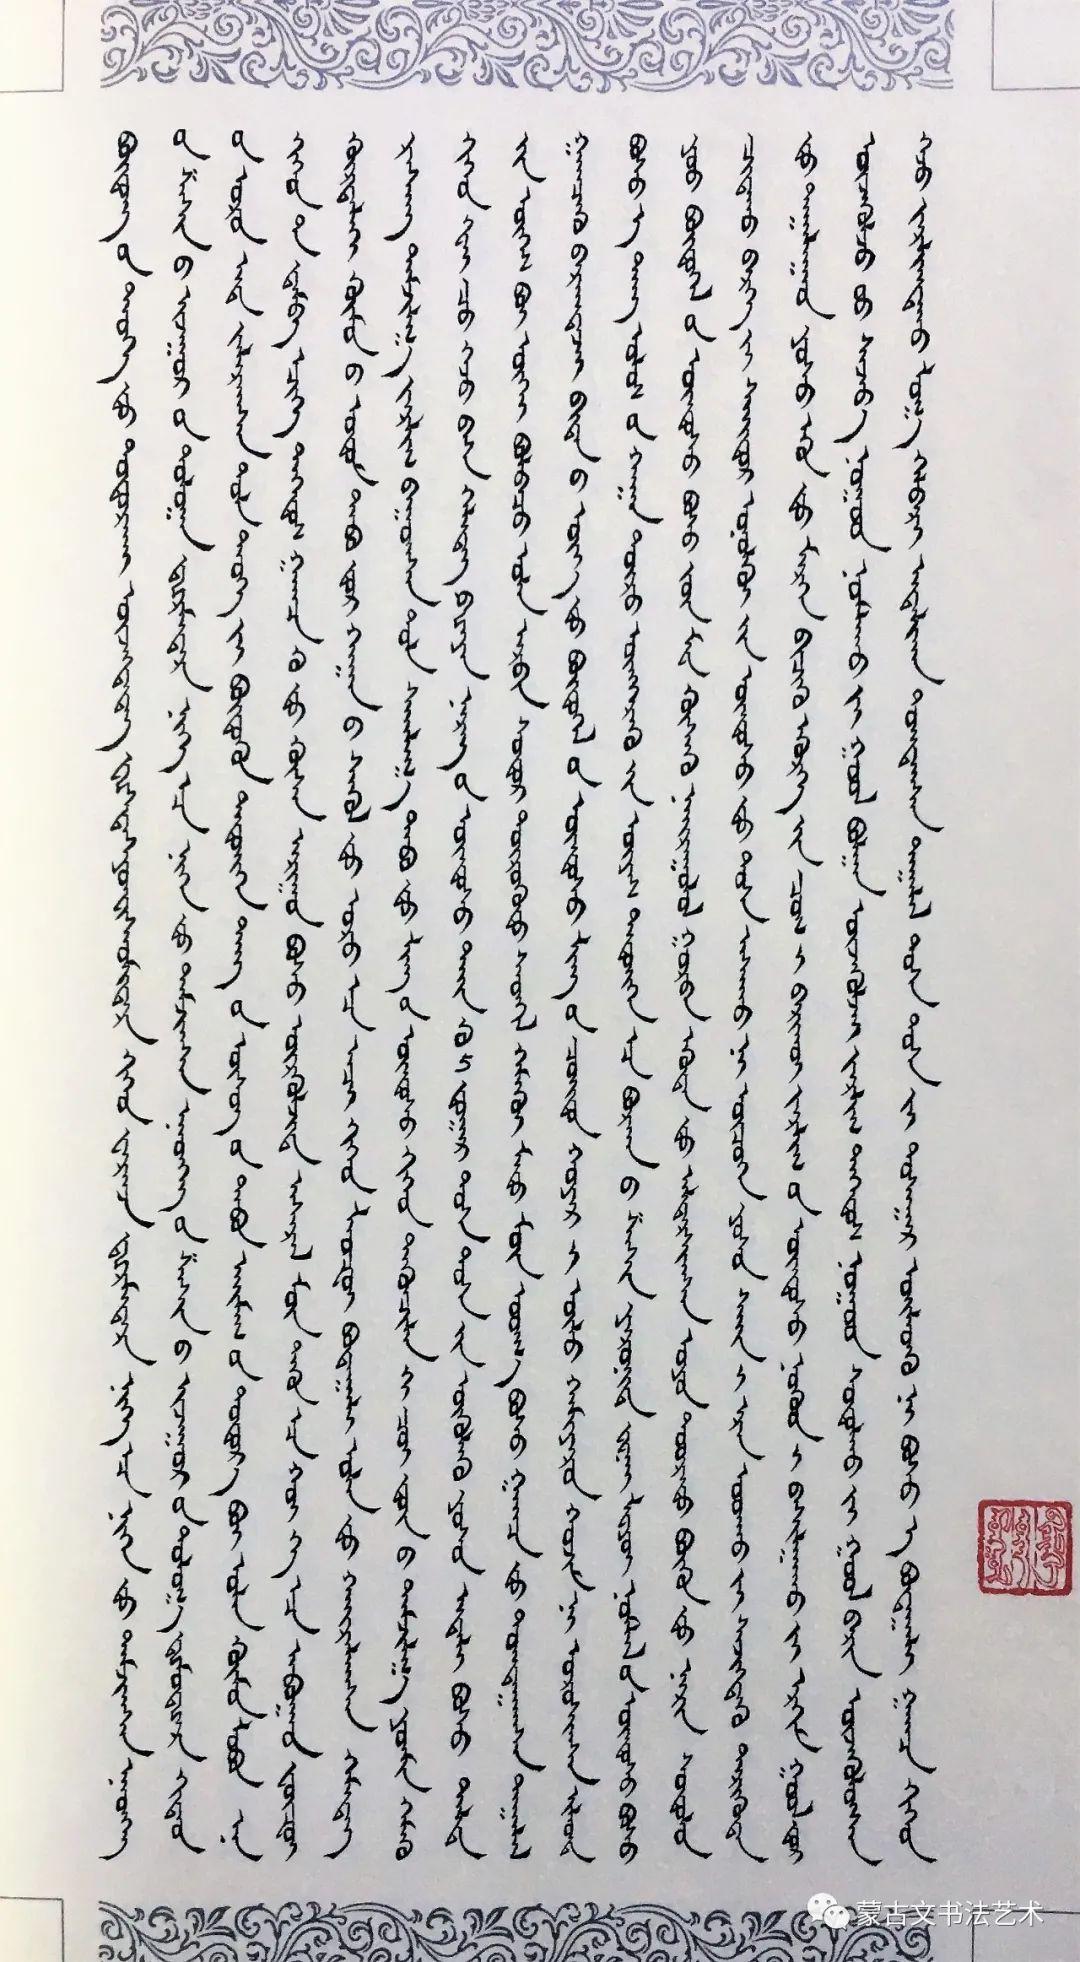 阿力达日图楷书著作-《中国佛教史(三)》 第8张 阿力达日图楷书著作-《中国佛教史(三)》 蒙古书法